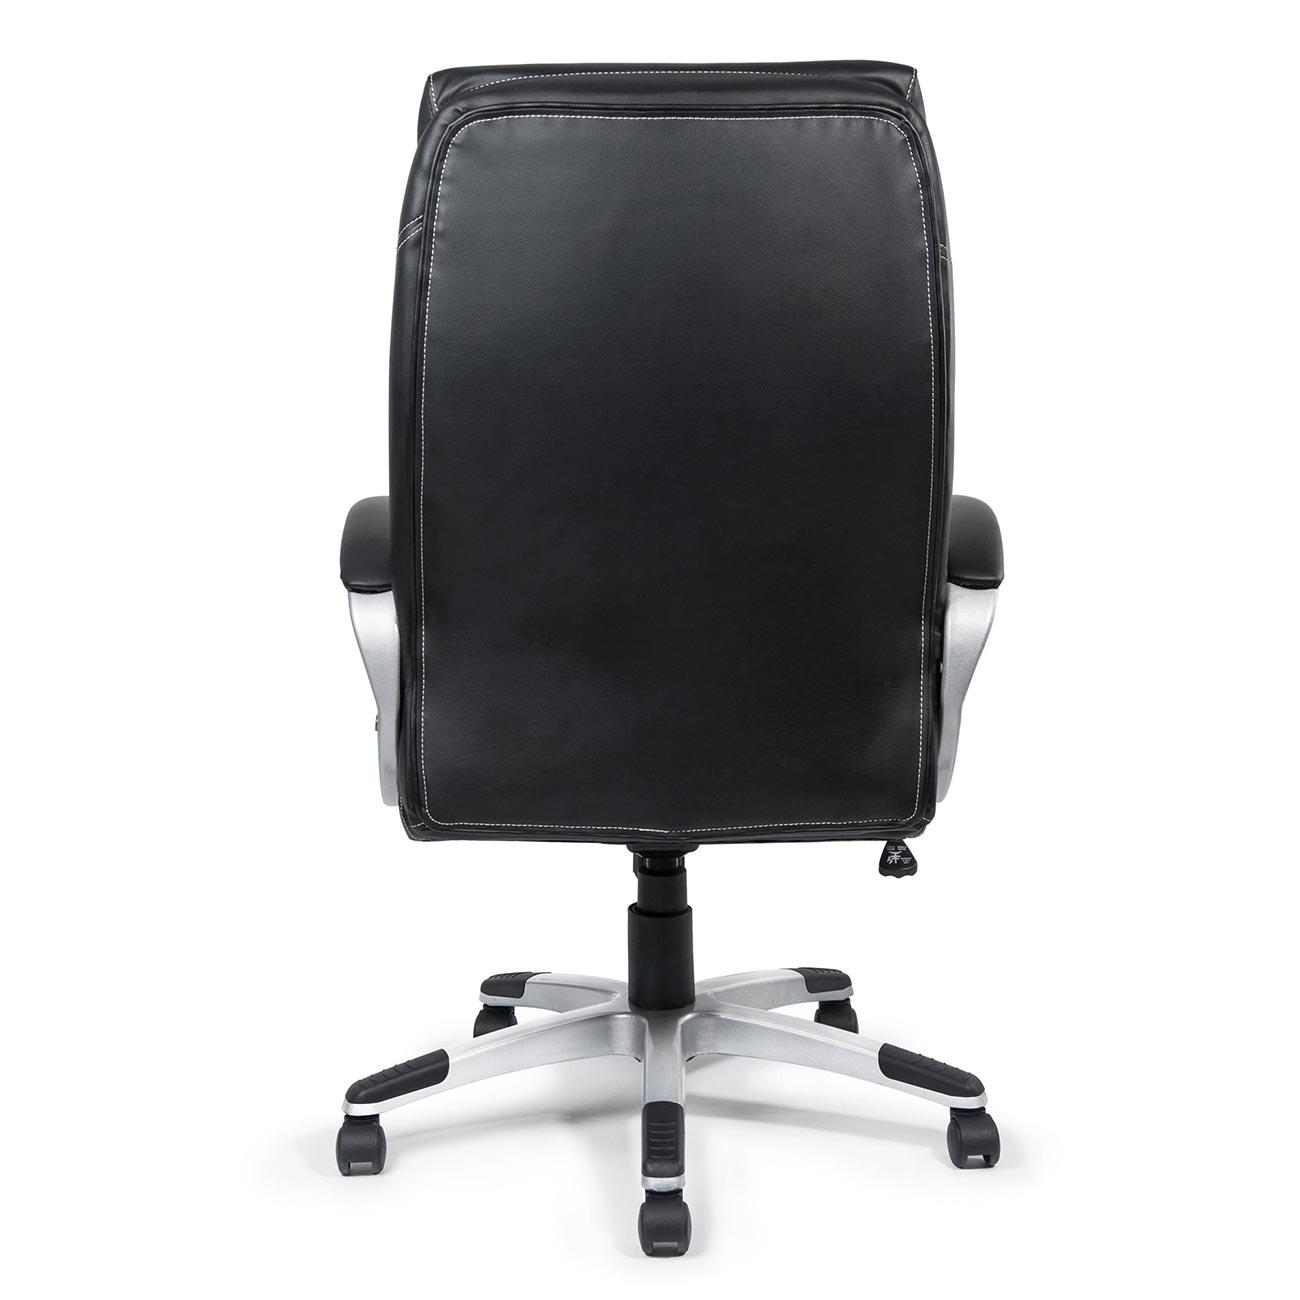 Détails pour de Bureau My Chaise sur Tournante Design Similicuir Siège Sit Direction Travail wOPXuZiTk